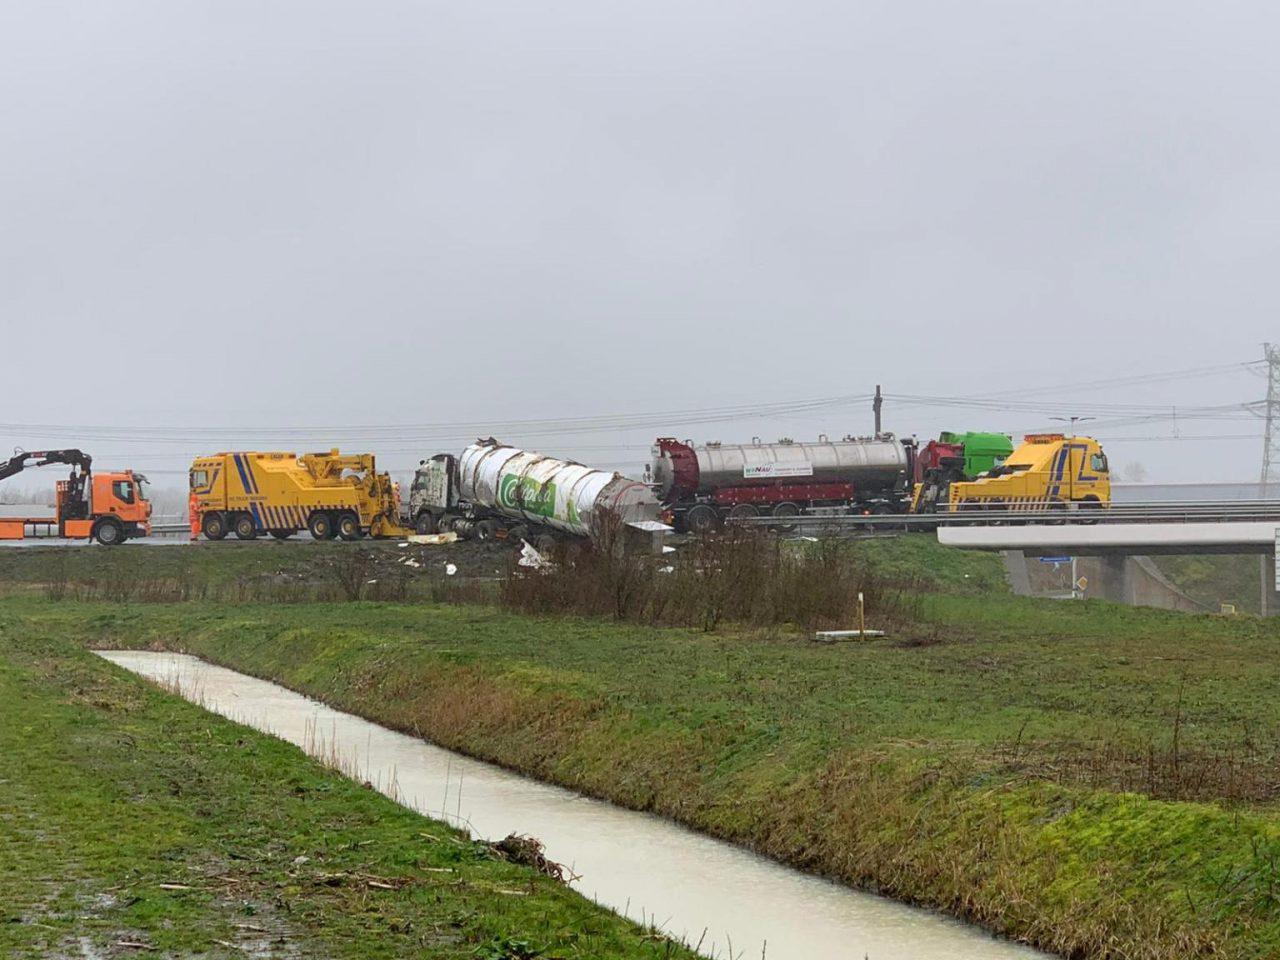 calamiteitenservice bij ongeluk op de A32